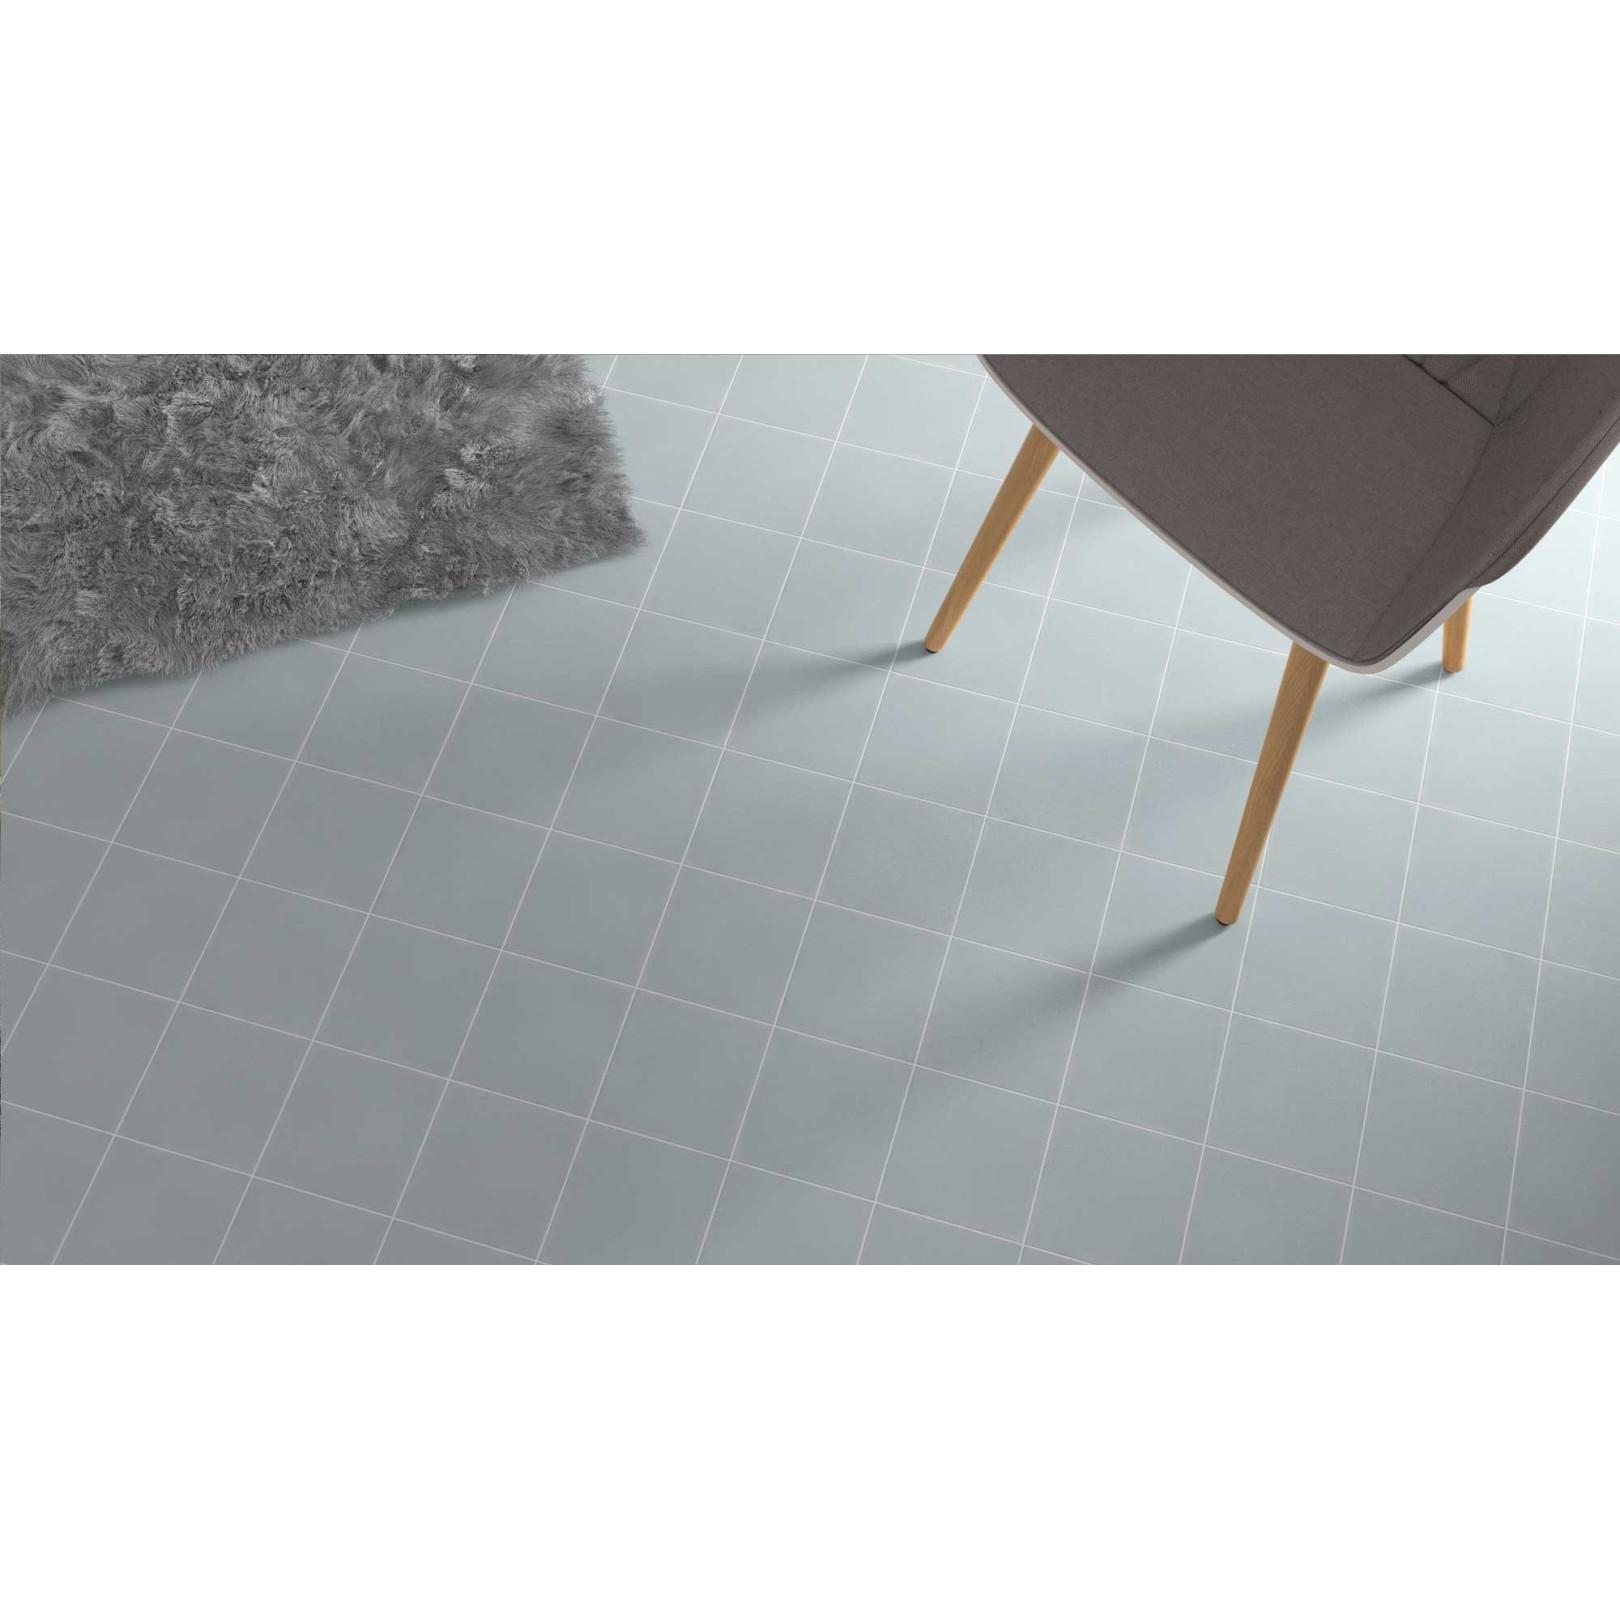 Carrelage grès cérame effet carreau ciment Cement Uni (5 couleurs), 18,5x18,5cm